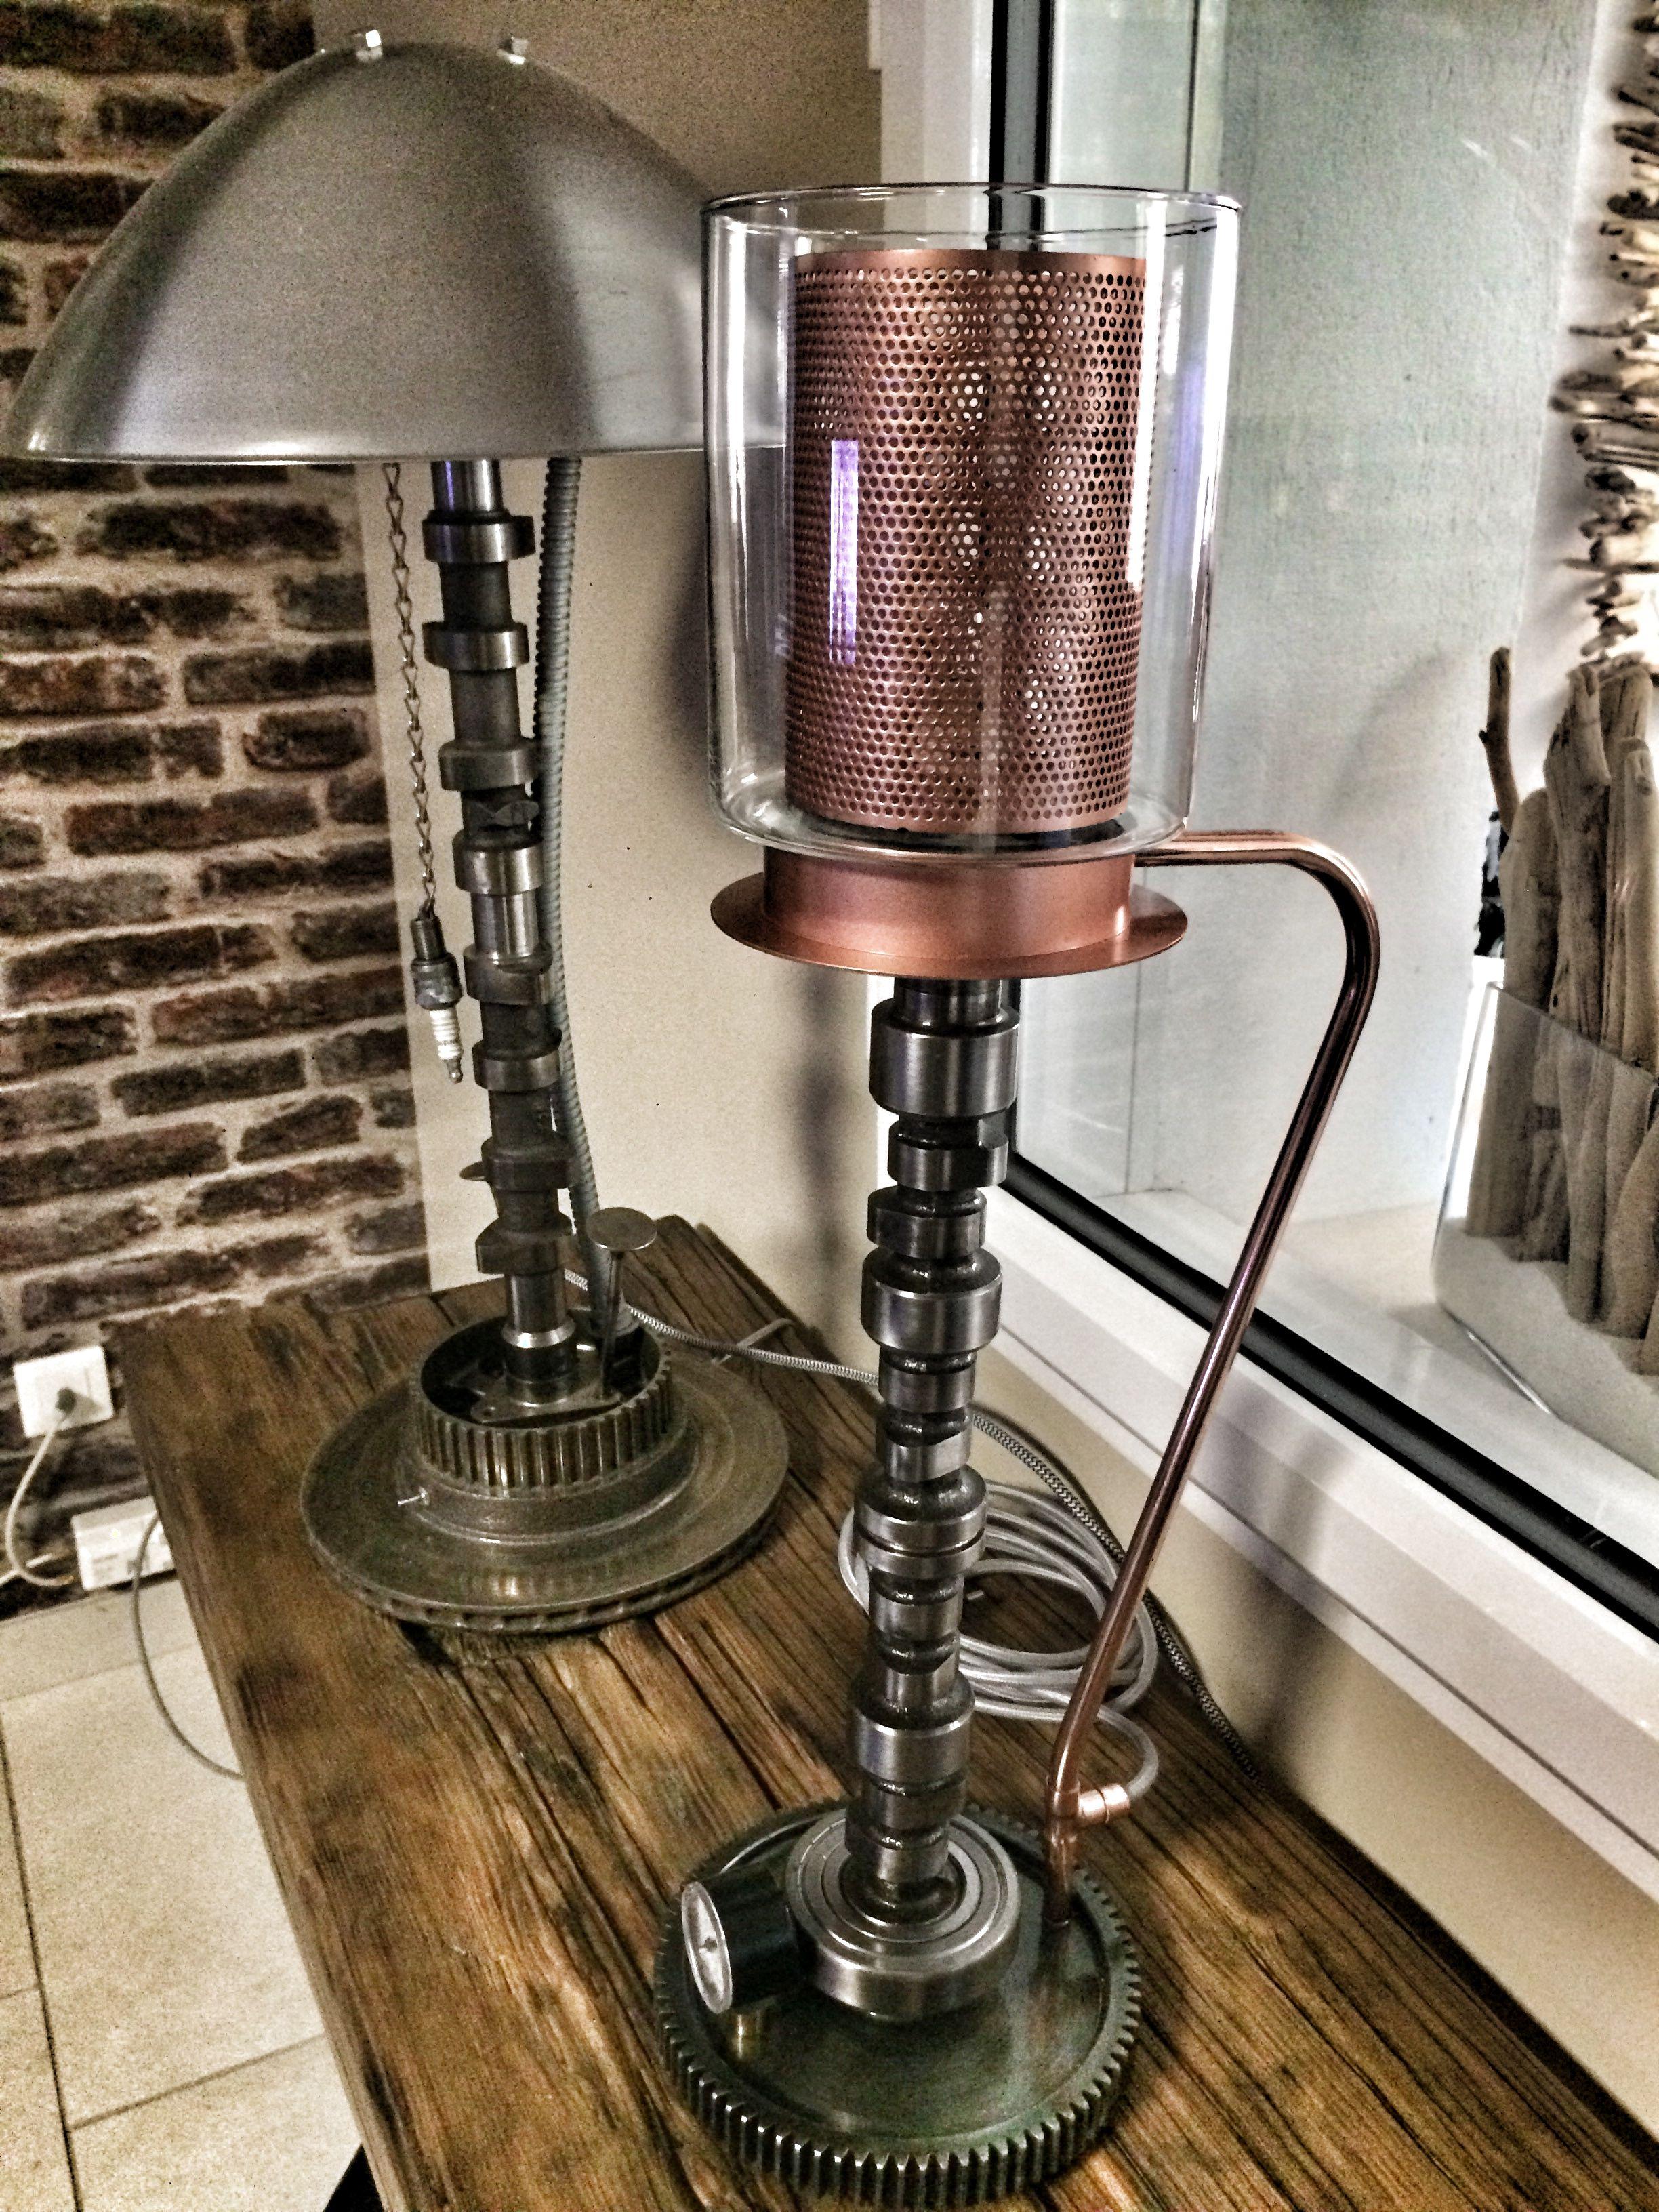 Lampe Industrielle Lampe De Bureau Recyclage Pieces Mecaniques Vintage Industrial Decor Lamp Industrial Decor